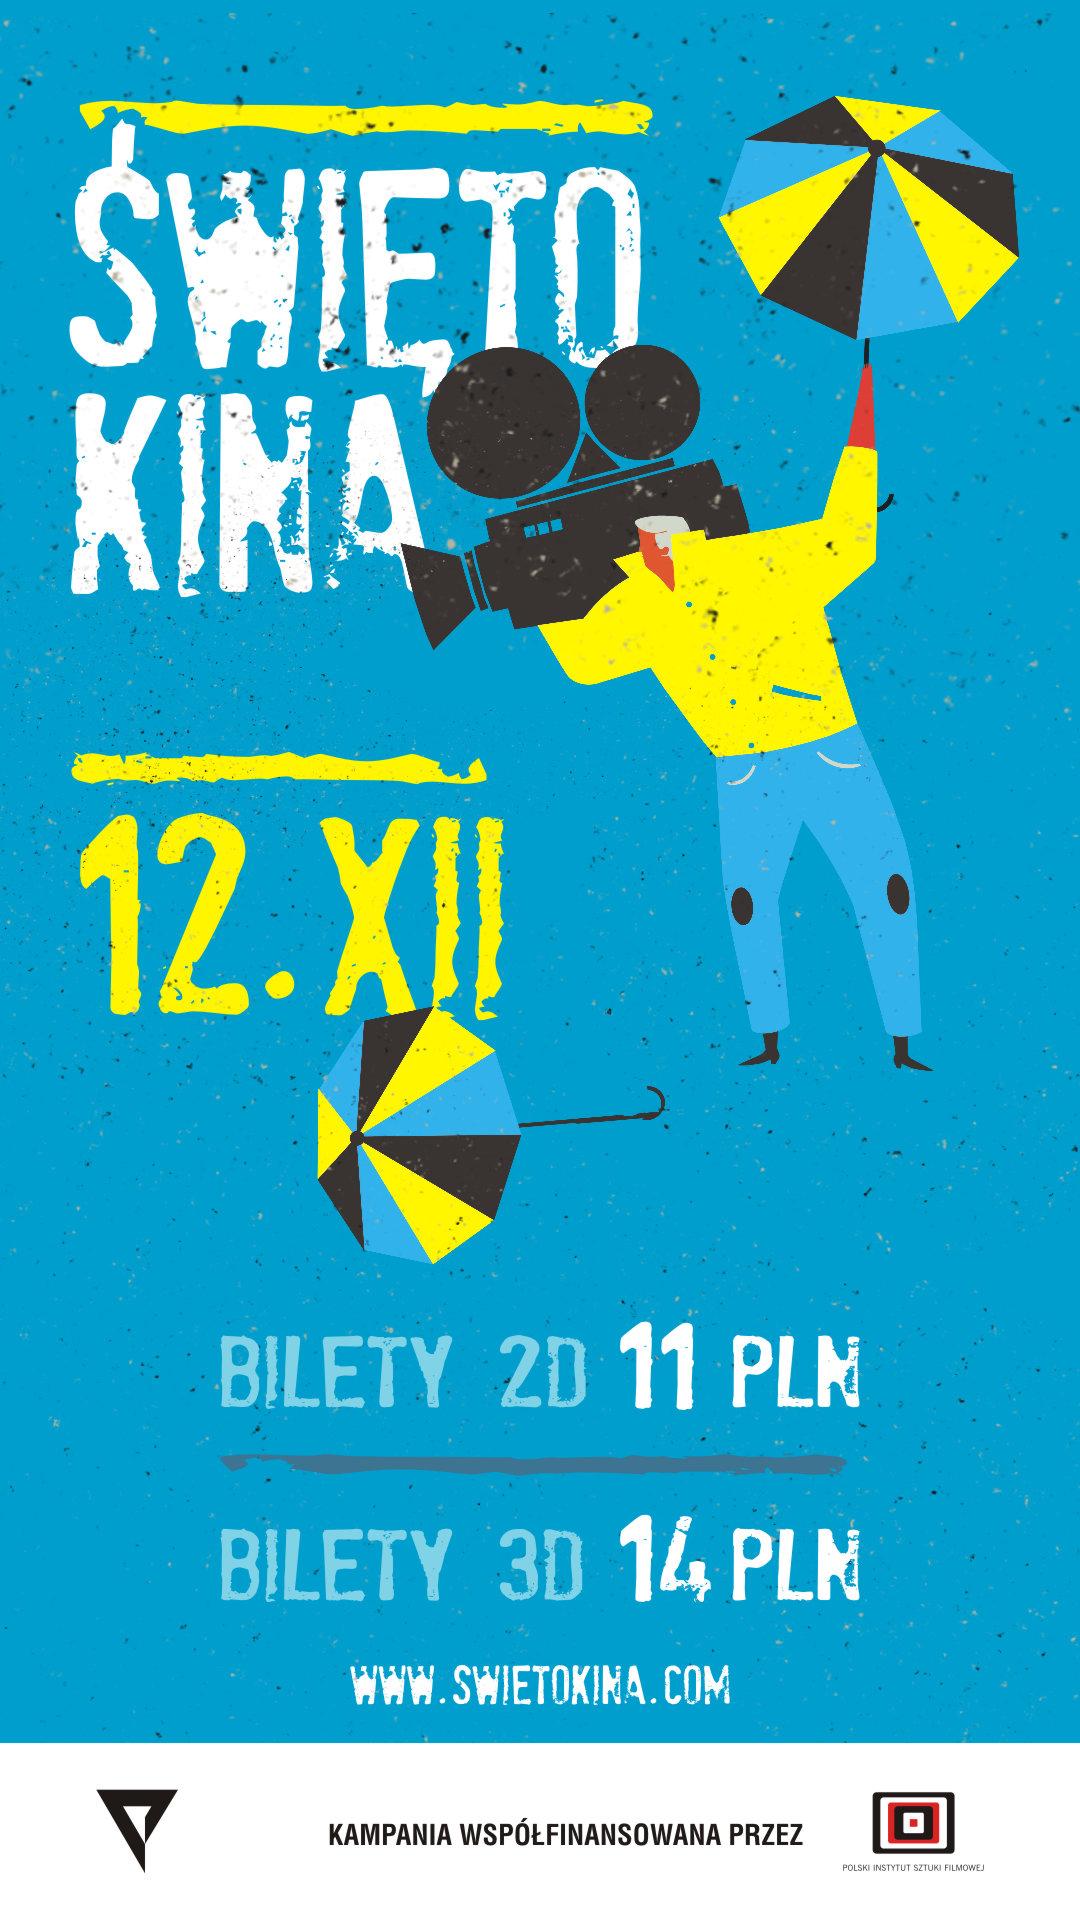 12.12 urodziny kina - tańsze bilety!